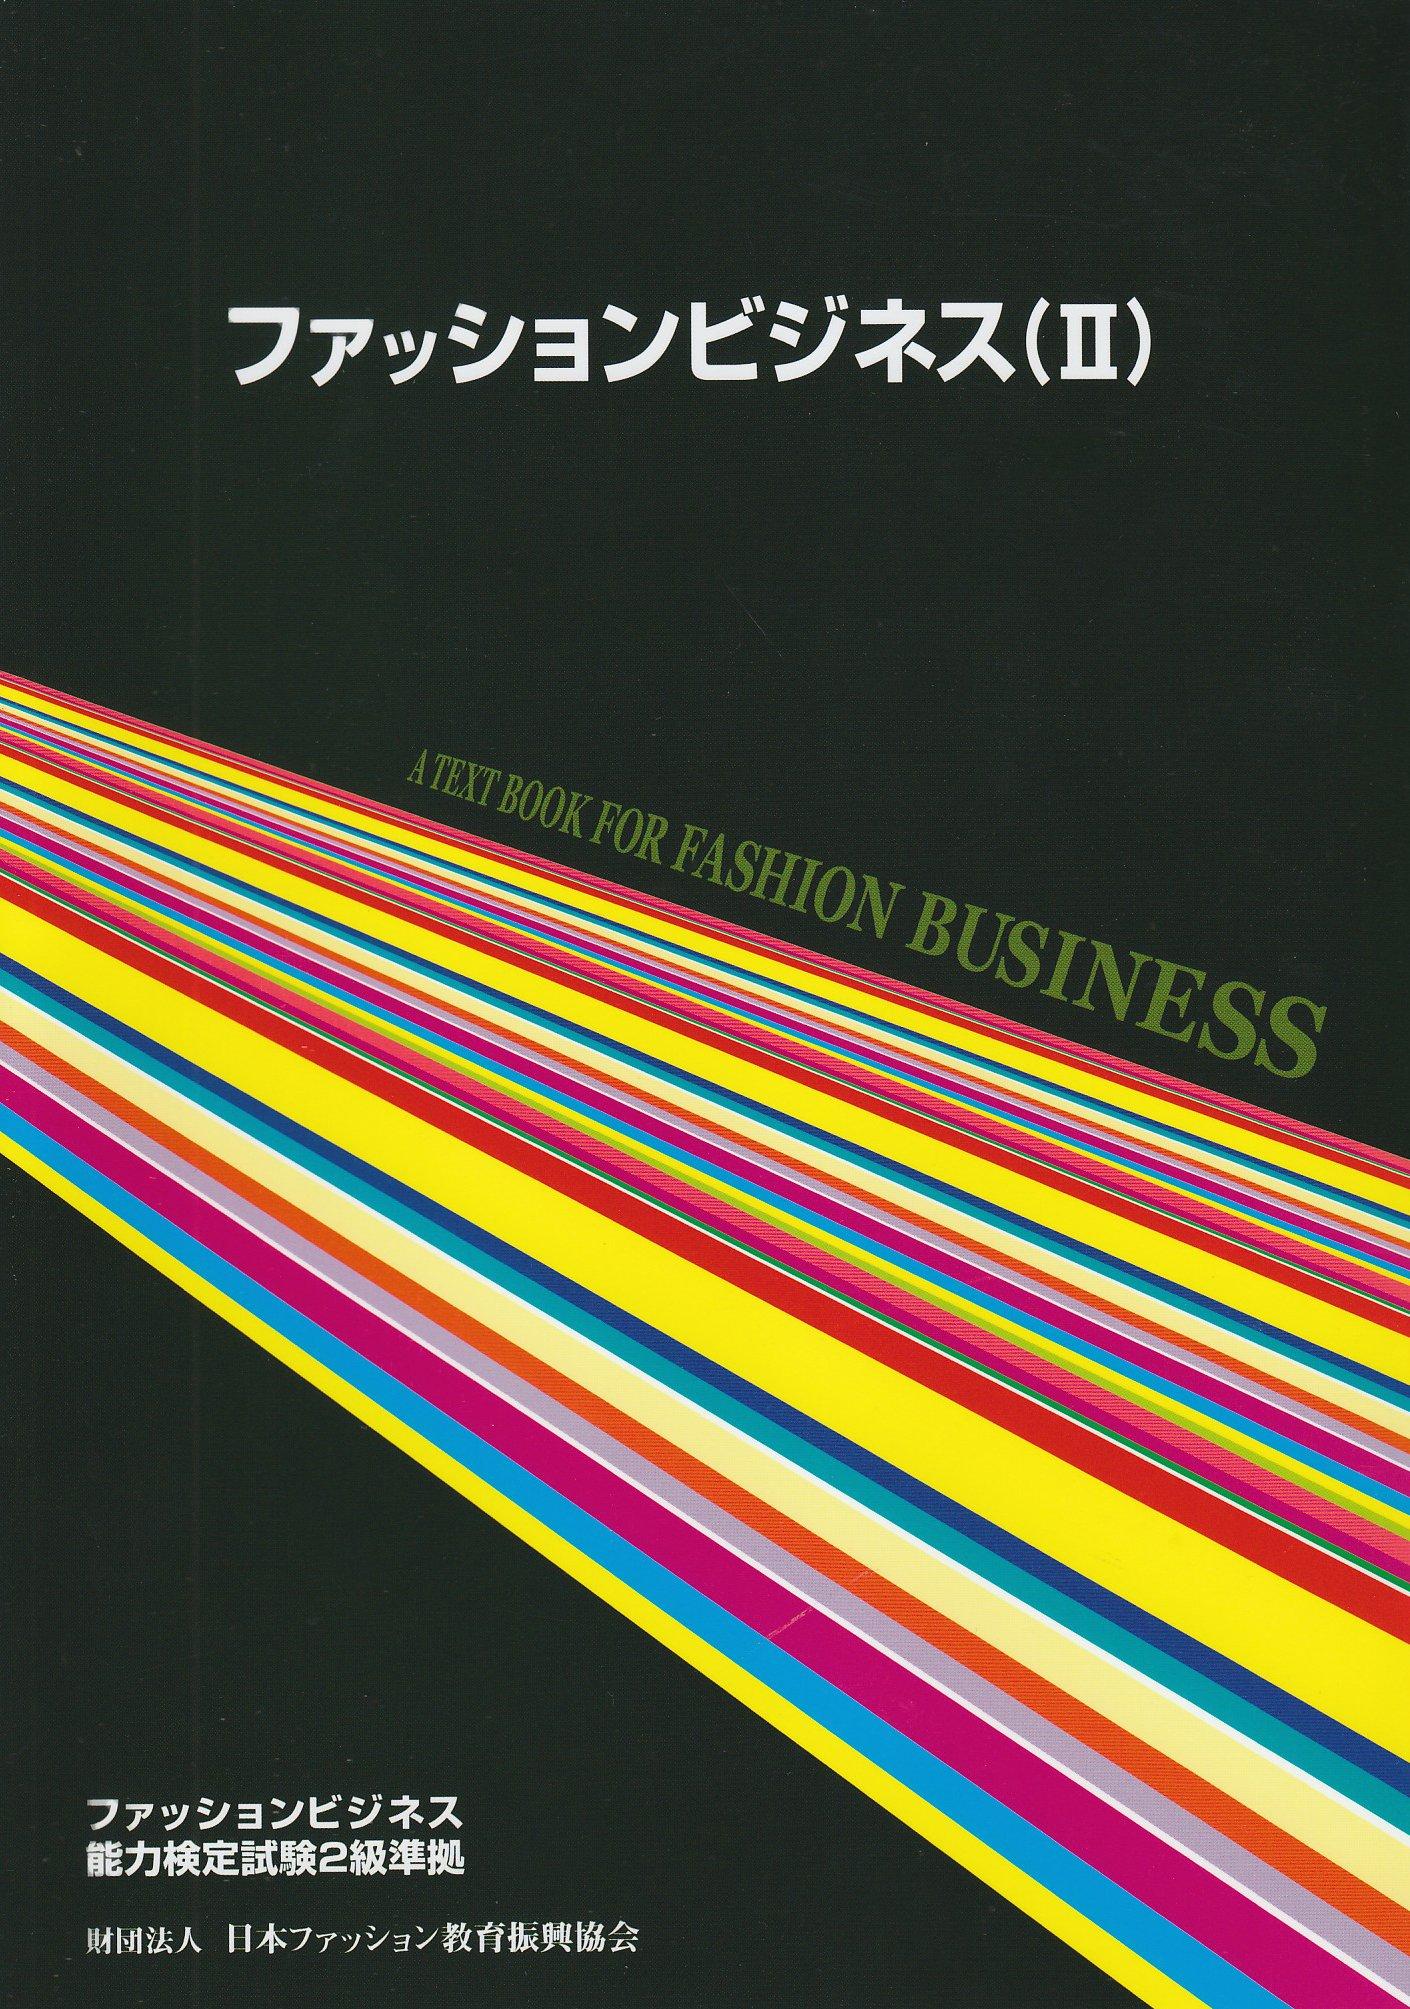 ファッションビジネス(II)